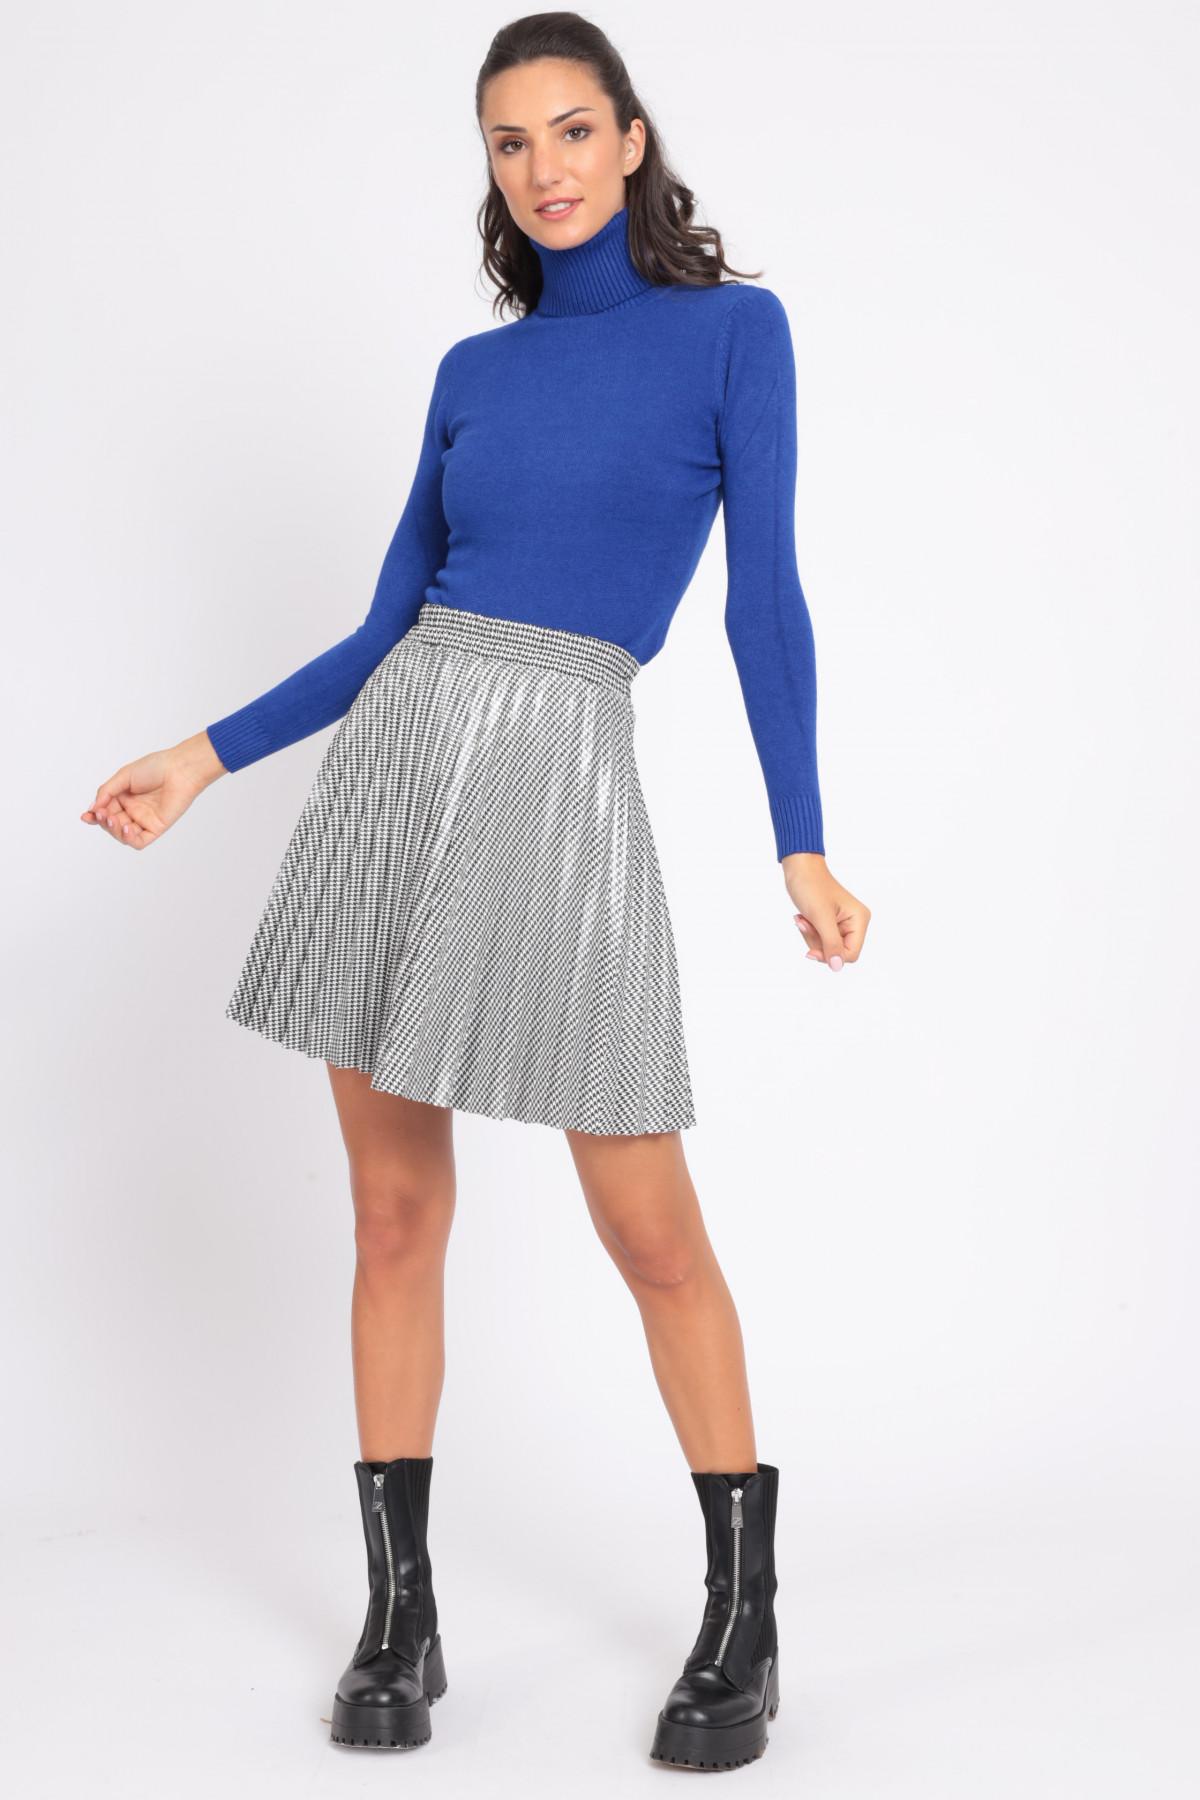 Pleated Coated Mini Skirt in Pied de Poule Pattern